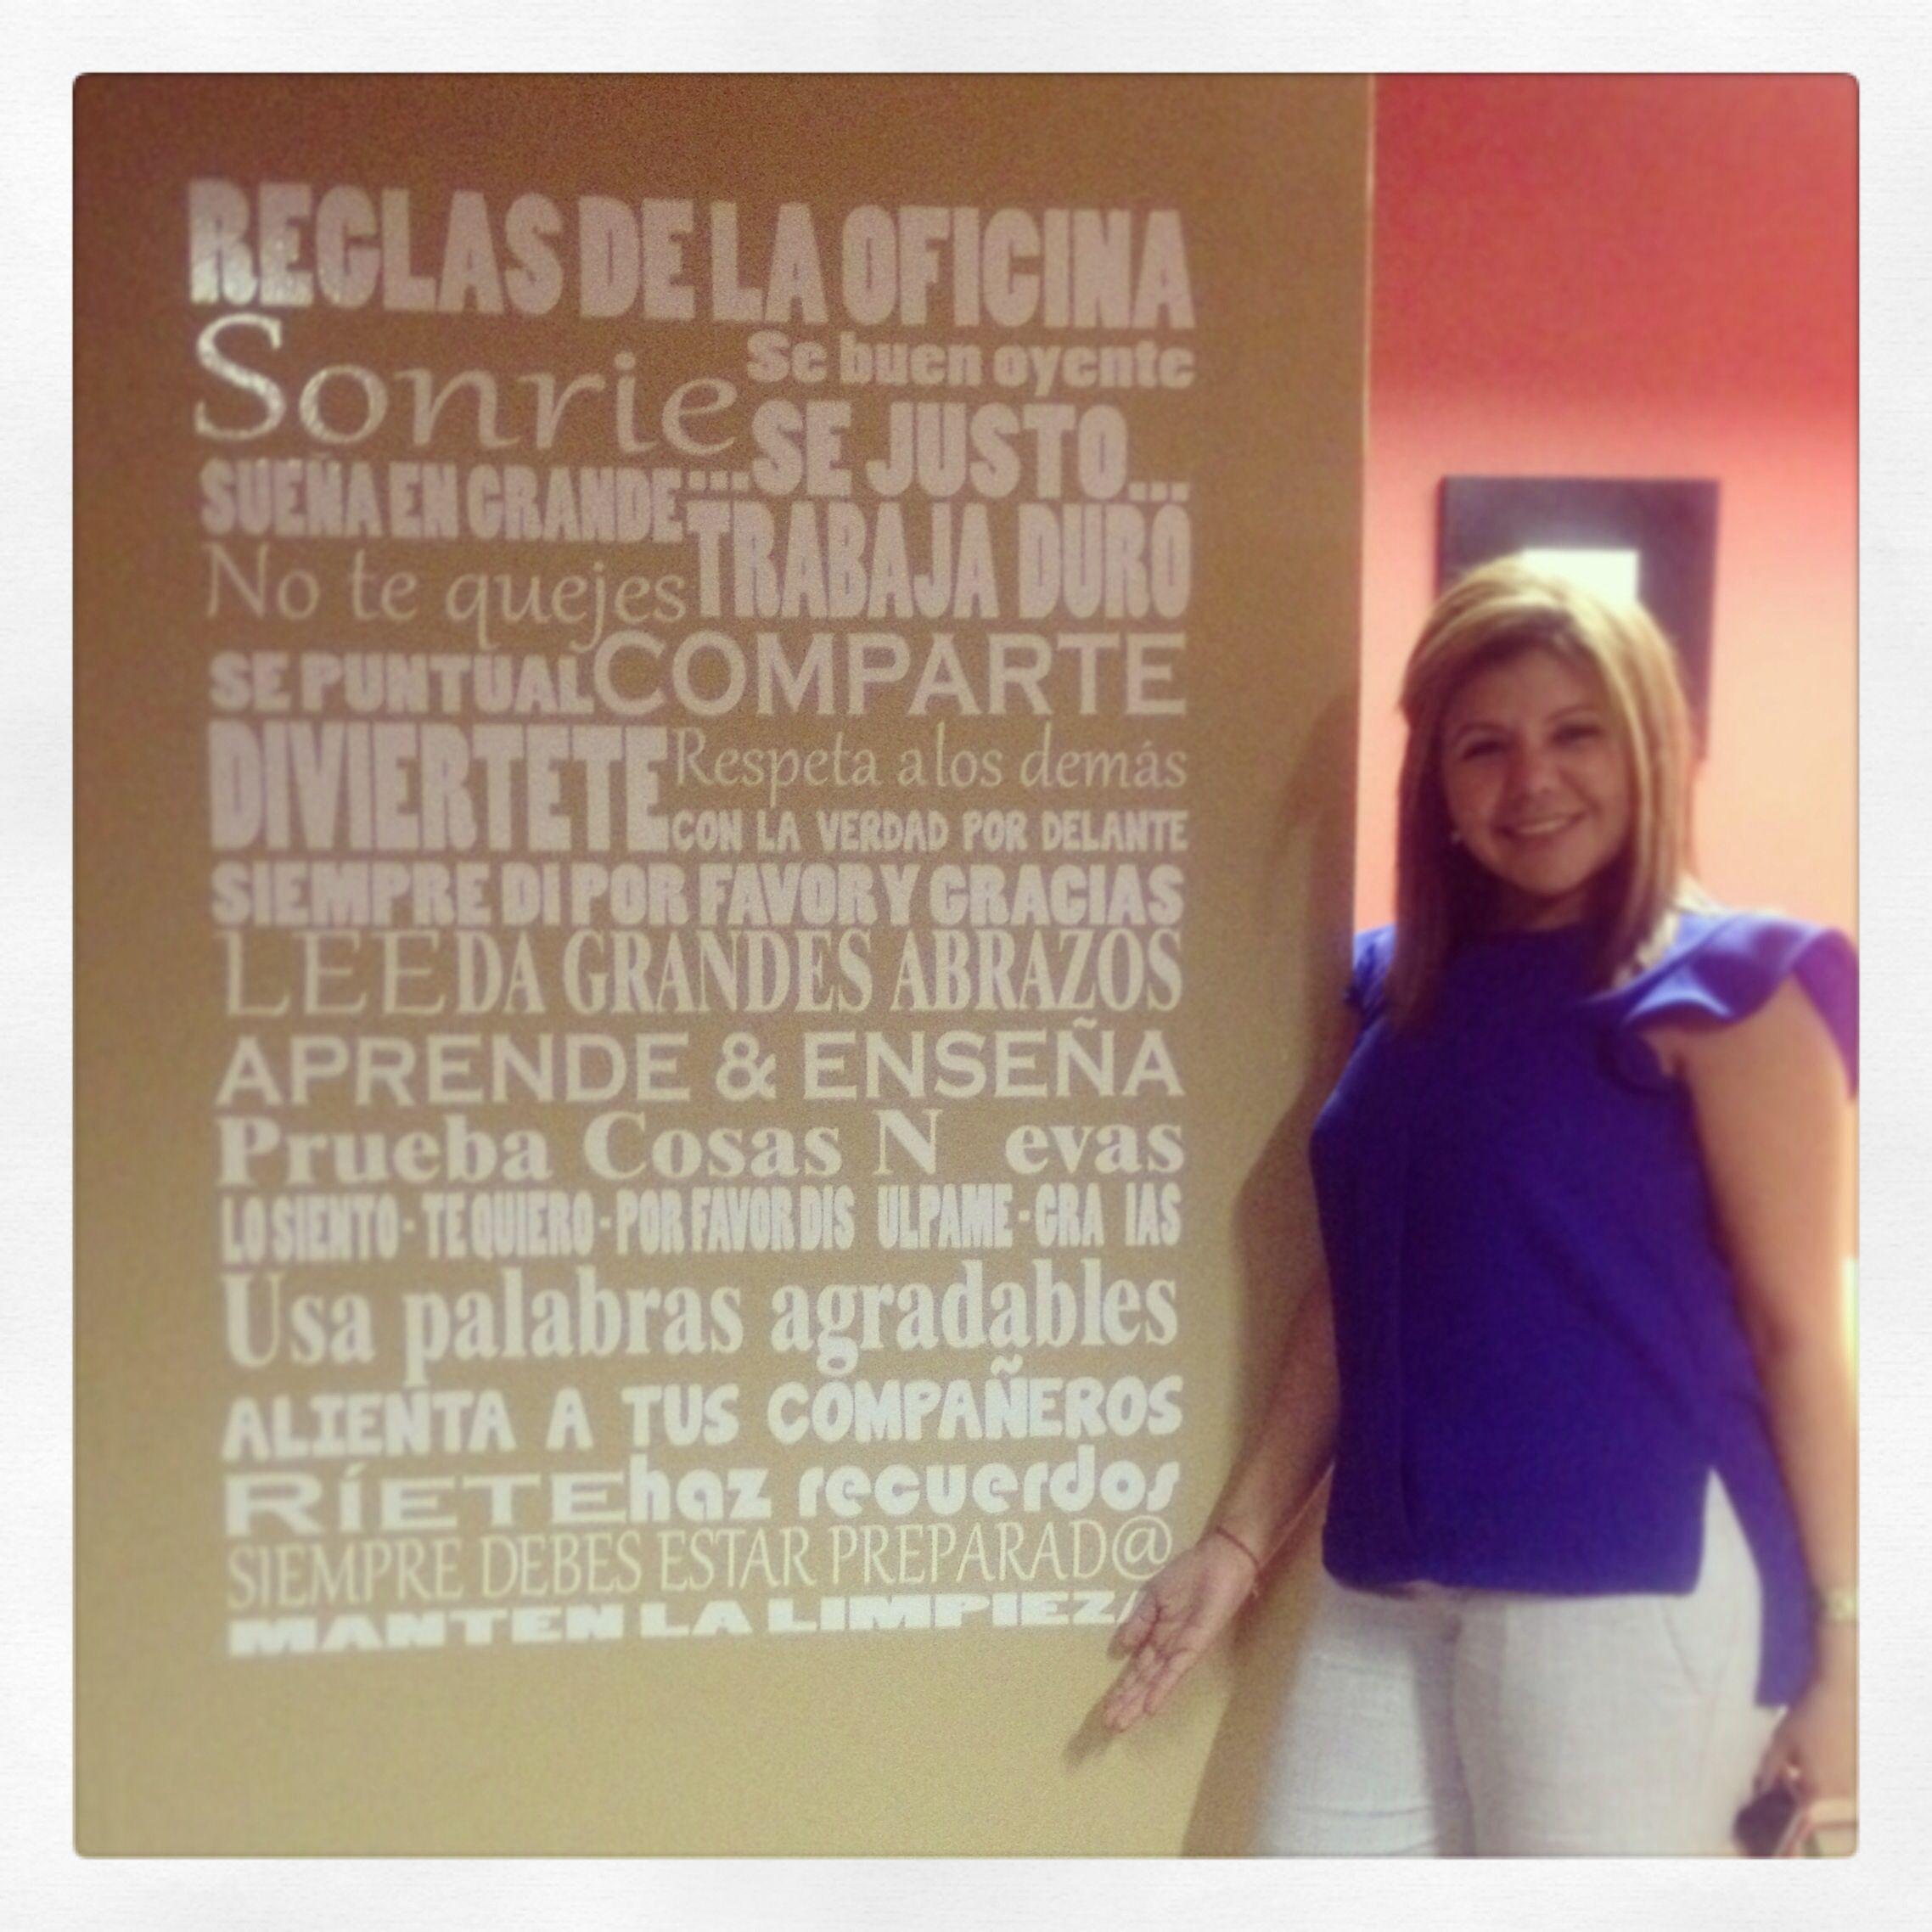 Reglas de la Oficina, office rules | decoracion cevaxin | Pinterest ...